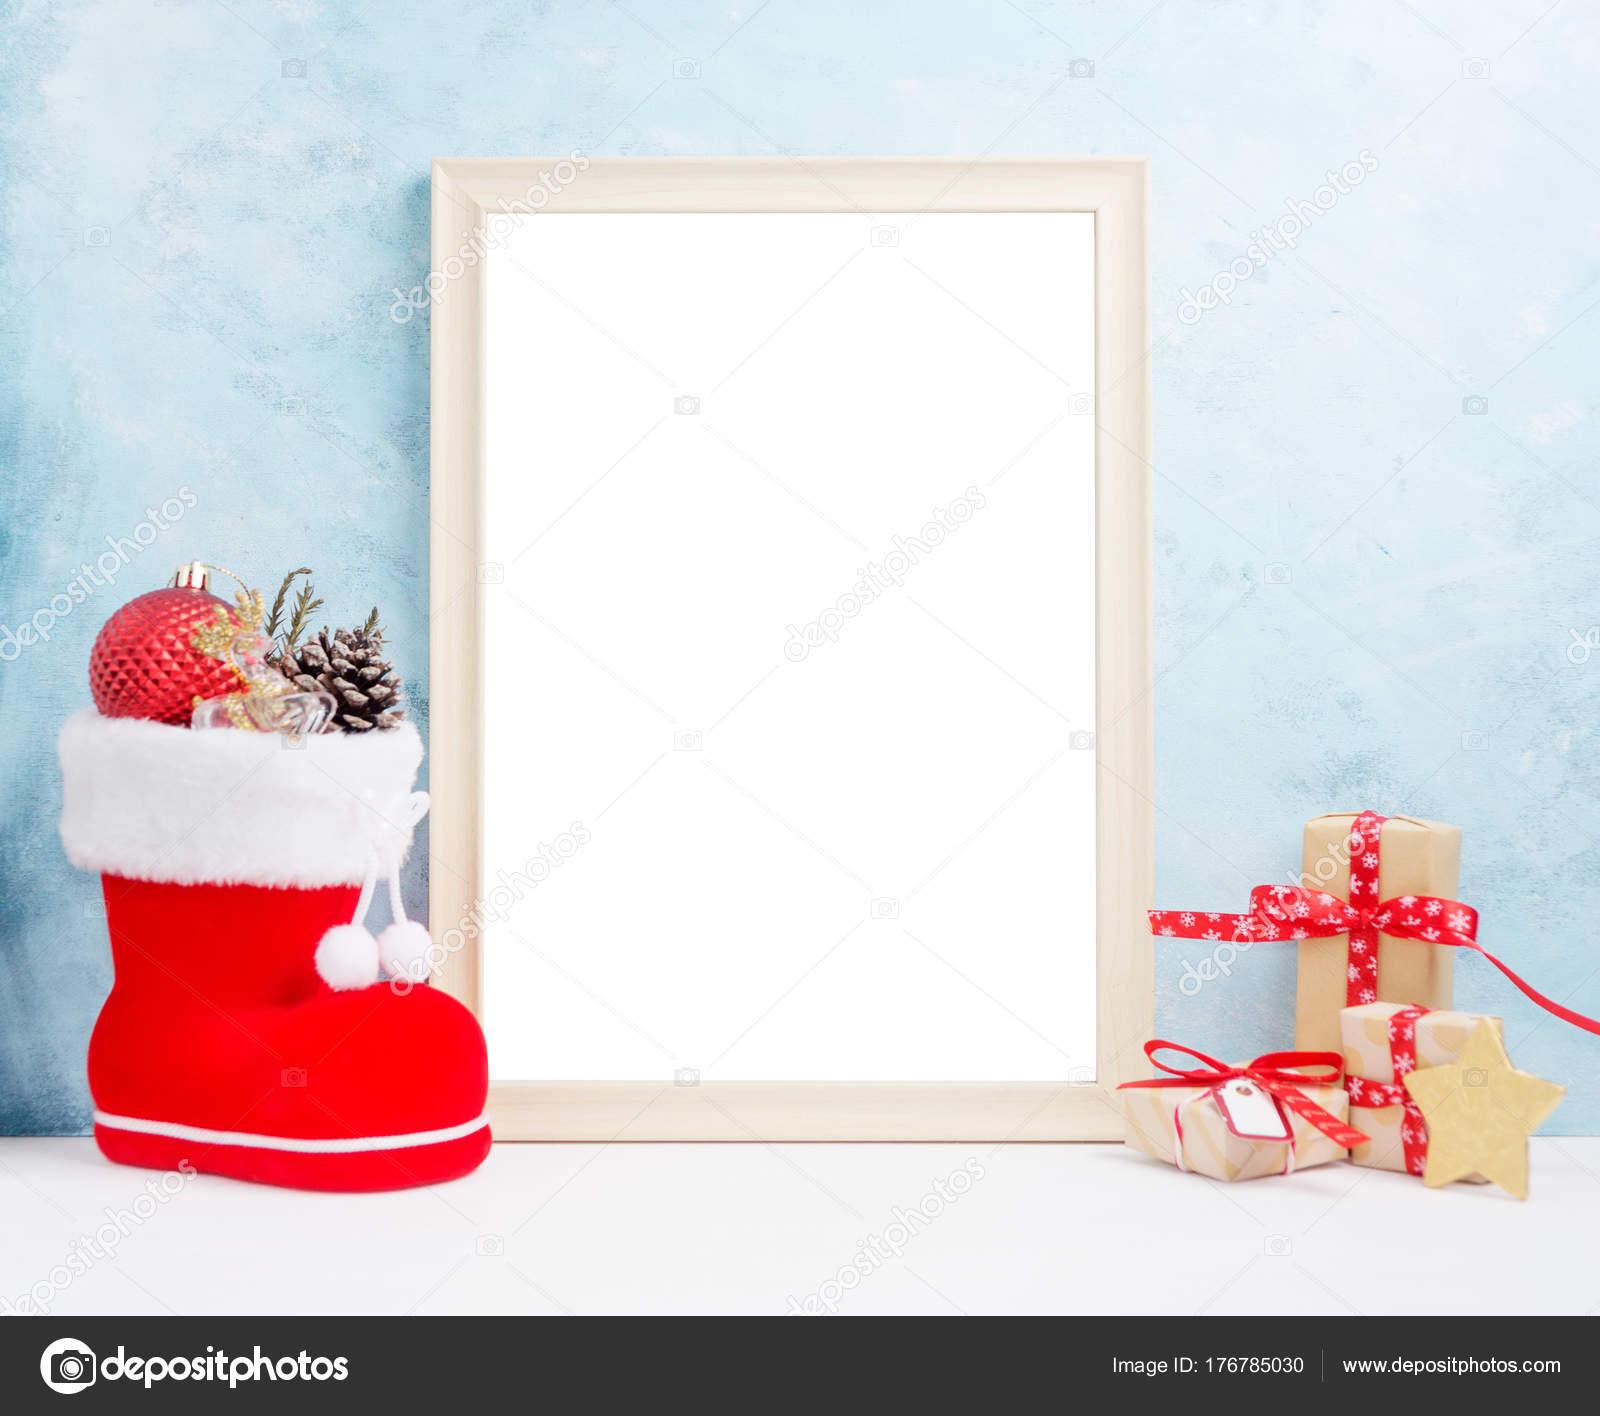 01b824a29a4 Φωτεινά Χριστούγεννα ομοίωμα με μεγάλη κορνίζα: γιορτινό δώρο κουτιά,  παιχνίδια και ελάτου-στο κόκκινο santa's boot έννοια το νέο έτος. Κείμενο  του χώρου.